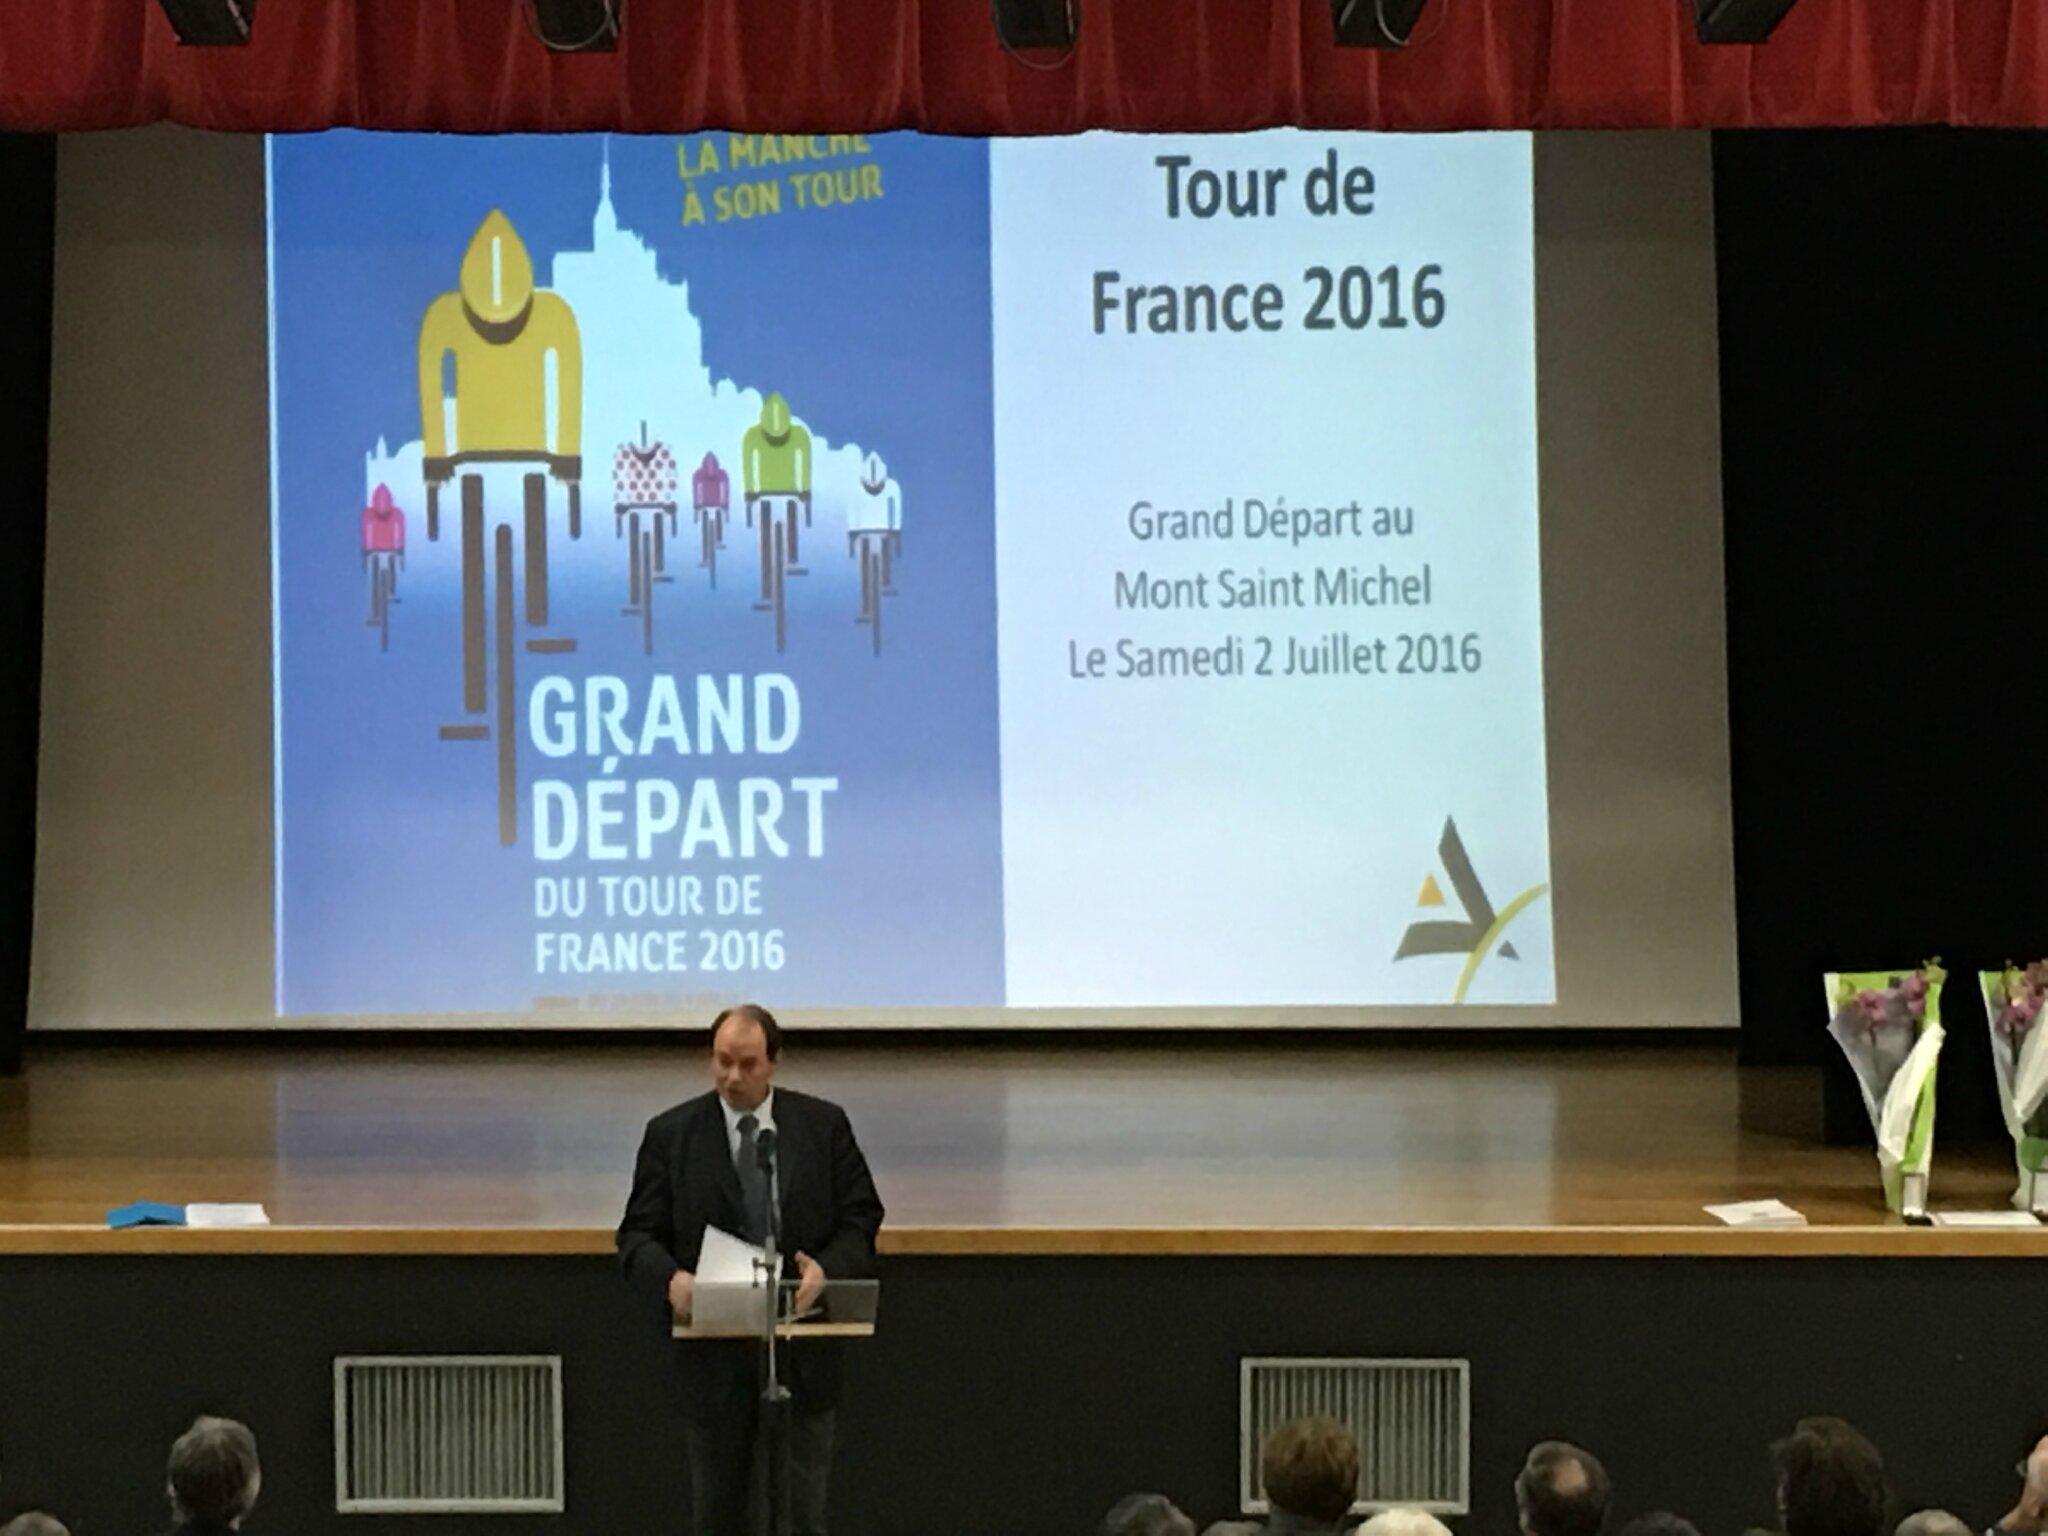 cérémonie des voeux 2016 de la communauté de communes Avranches Mont-Saint-Michel